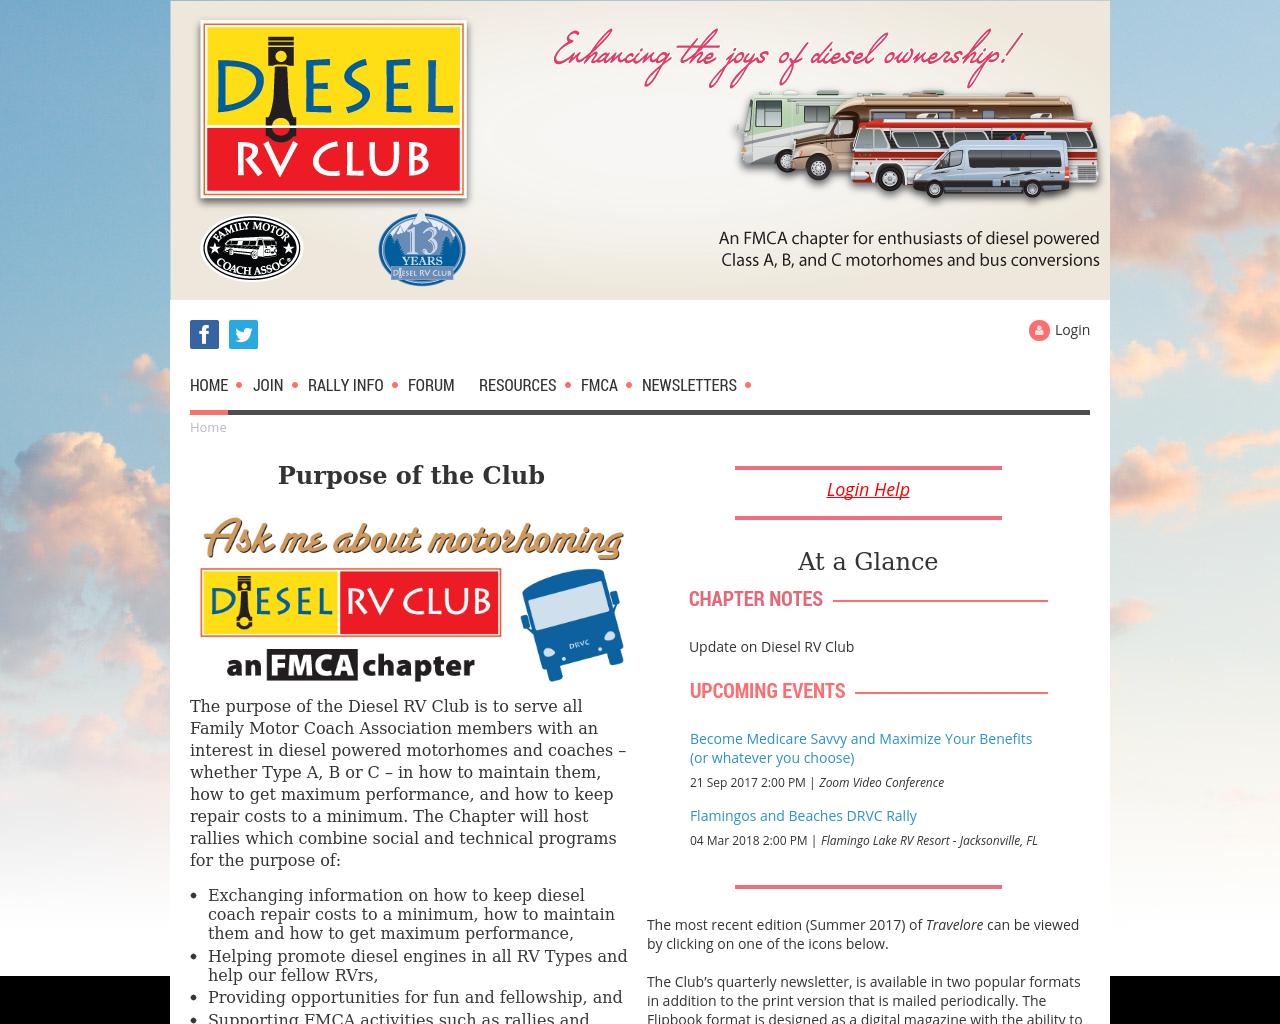 Diesel-RV-Club-Advertising-Reviews-Pricing